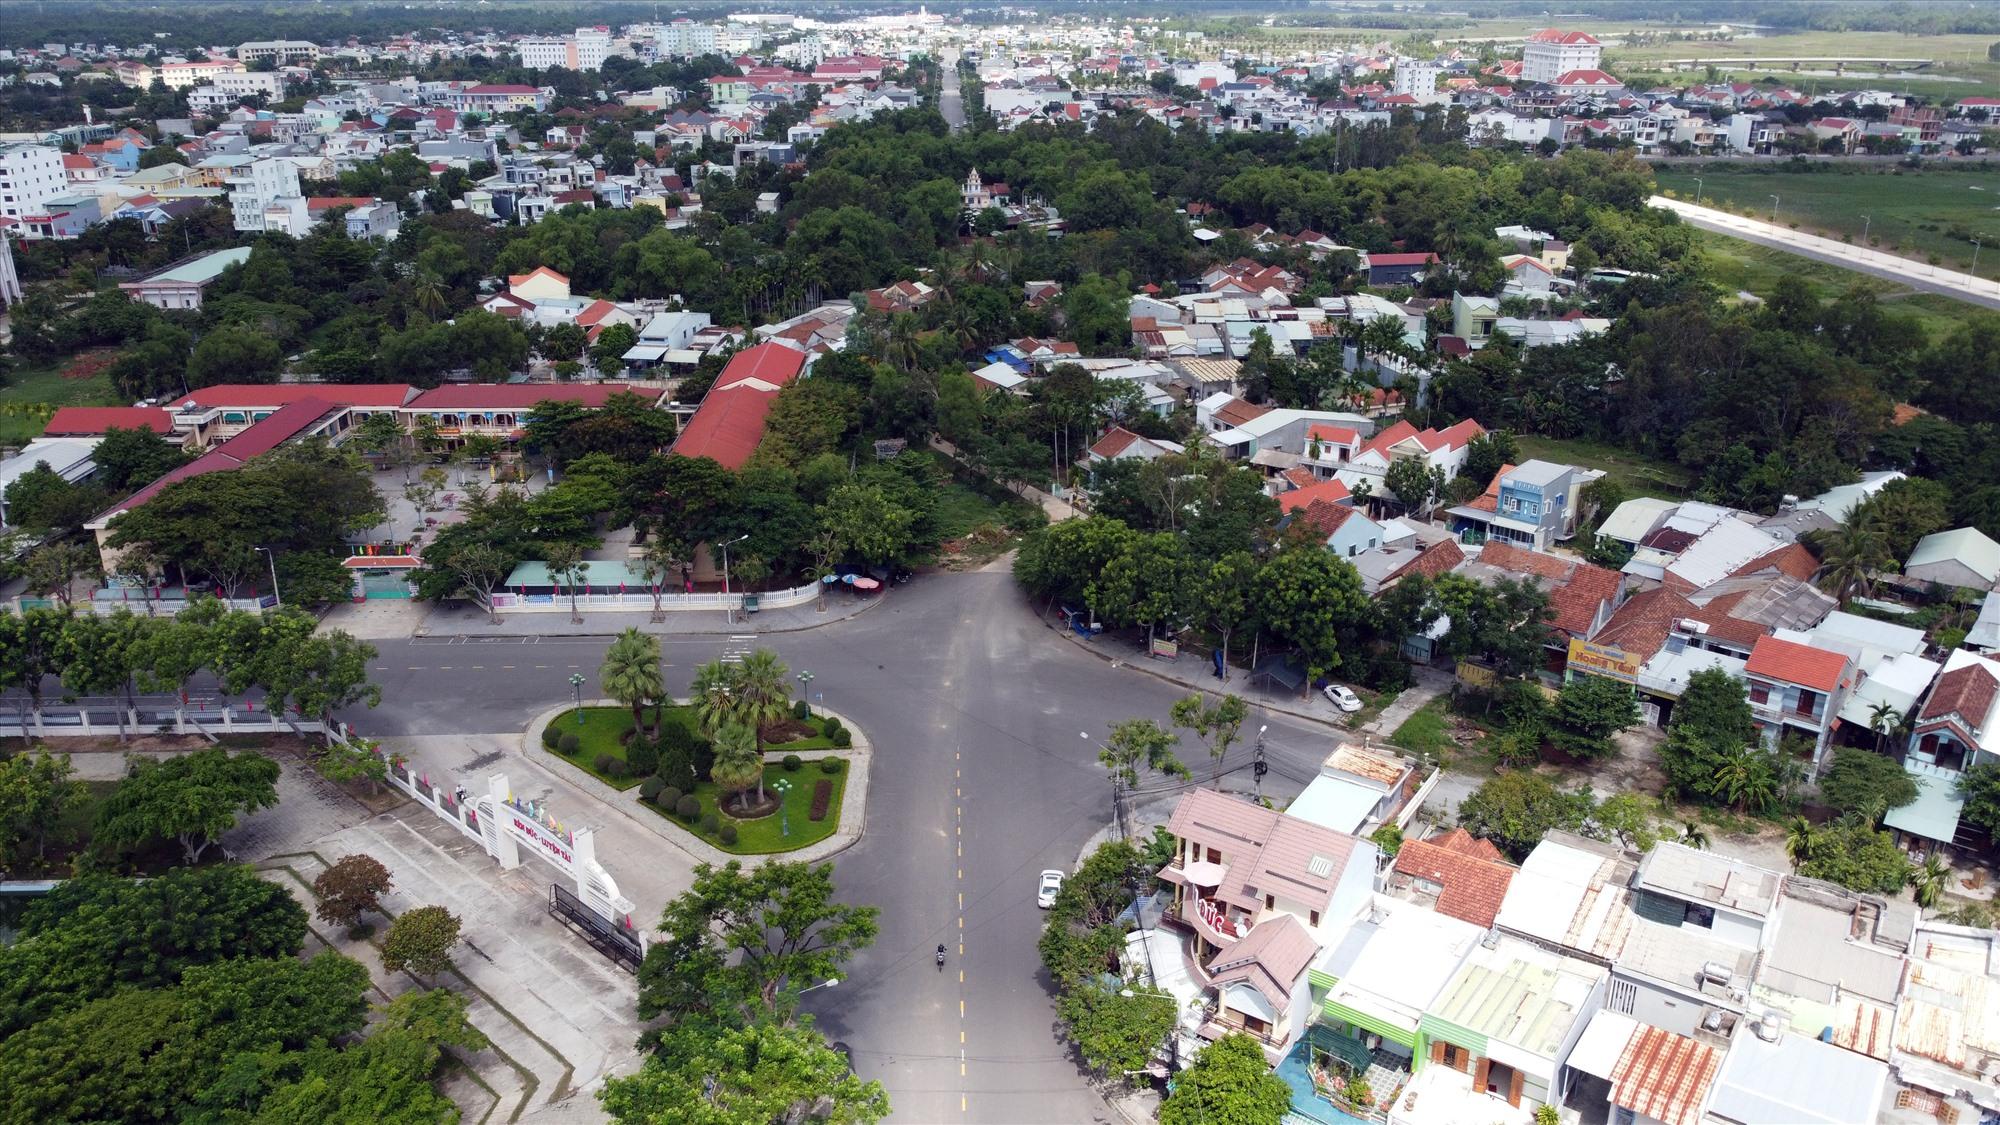 """Dự án khớp nối đường Trần Đại Nghĩa và Lam Sơn vẫn dở dang, khu dân cư như một """"làng trong phố"""". Ảnh: TC"""